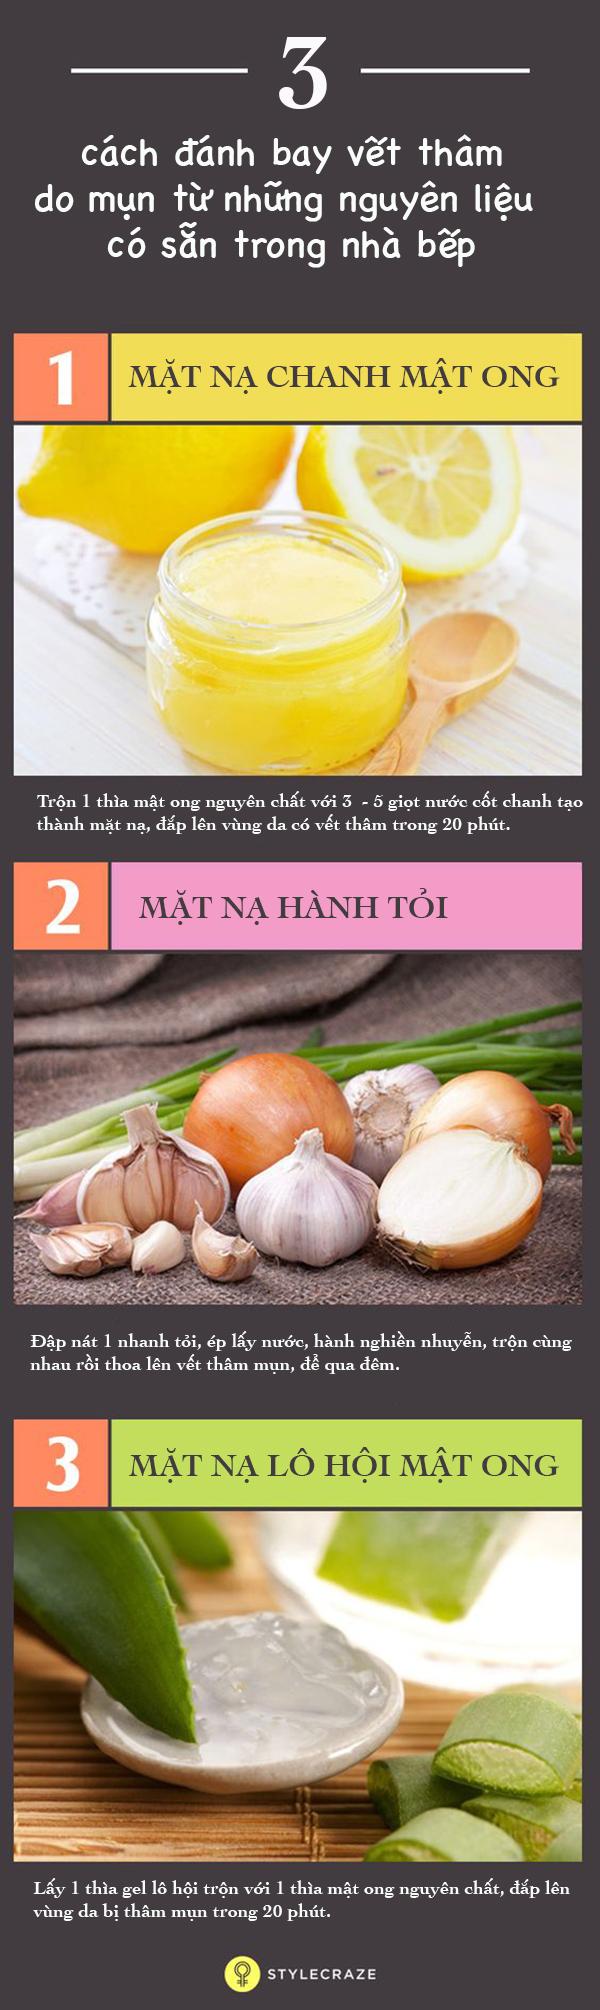 3 cách đánh bay vết thâm mụn từ những nguyên liệu có sẵn trong bếp